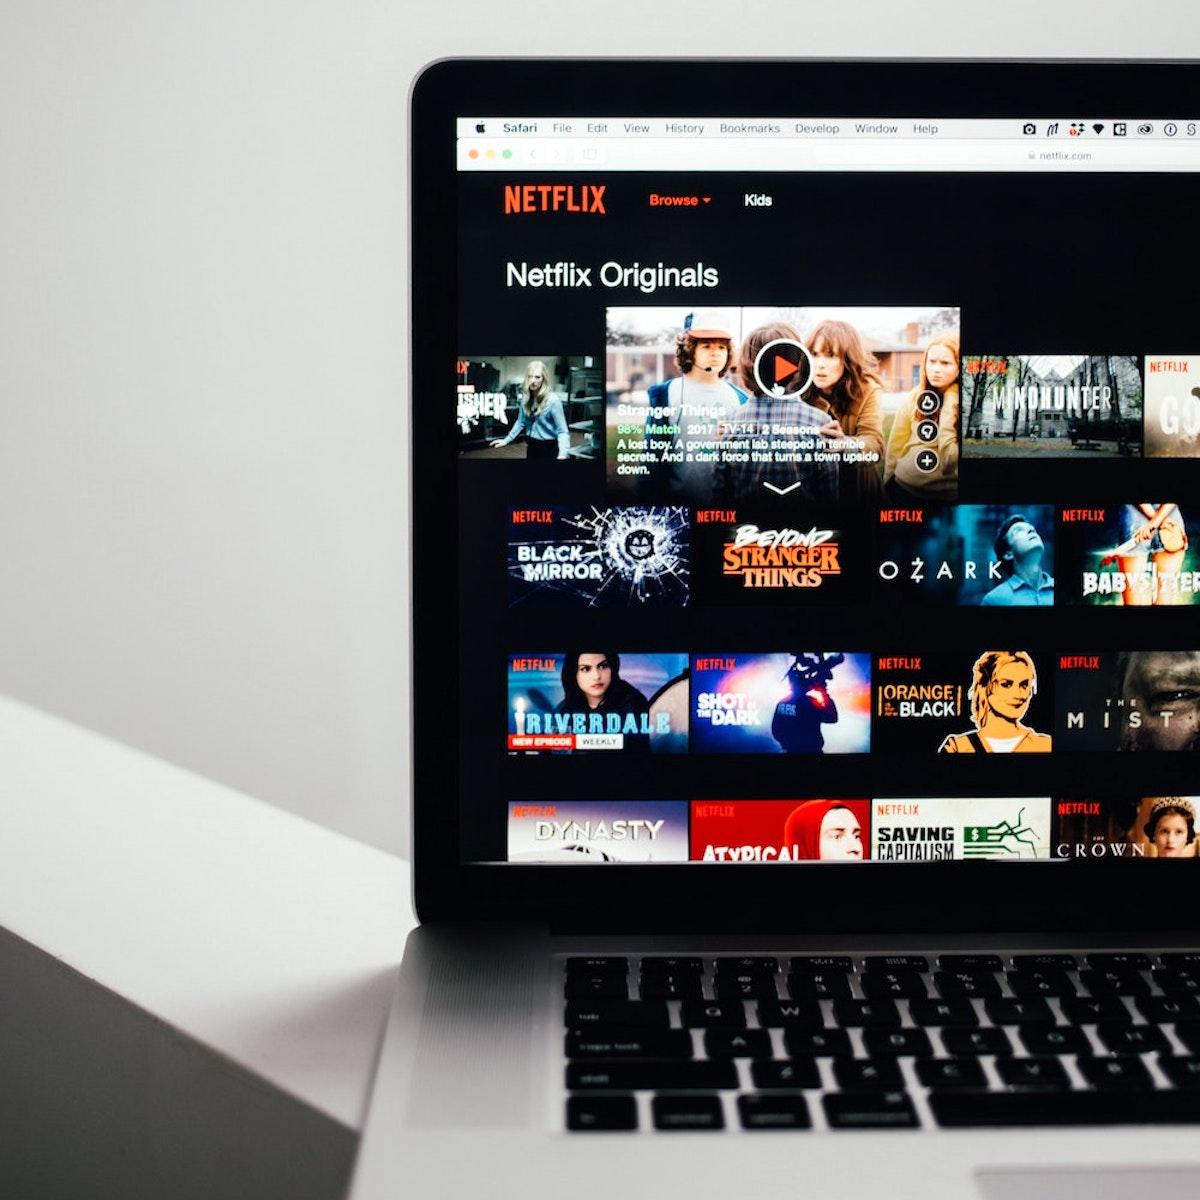 Videotéka Netflix produkuje spoustu vlastních seriálů a filmů